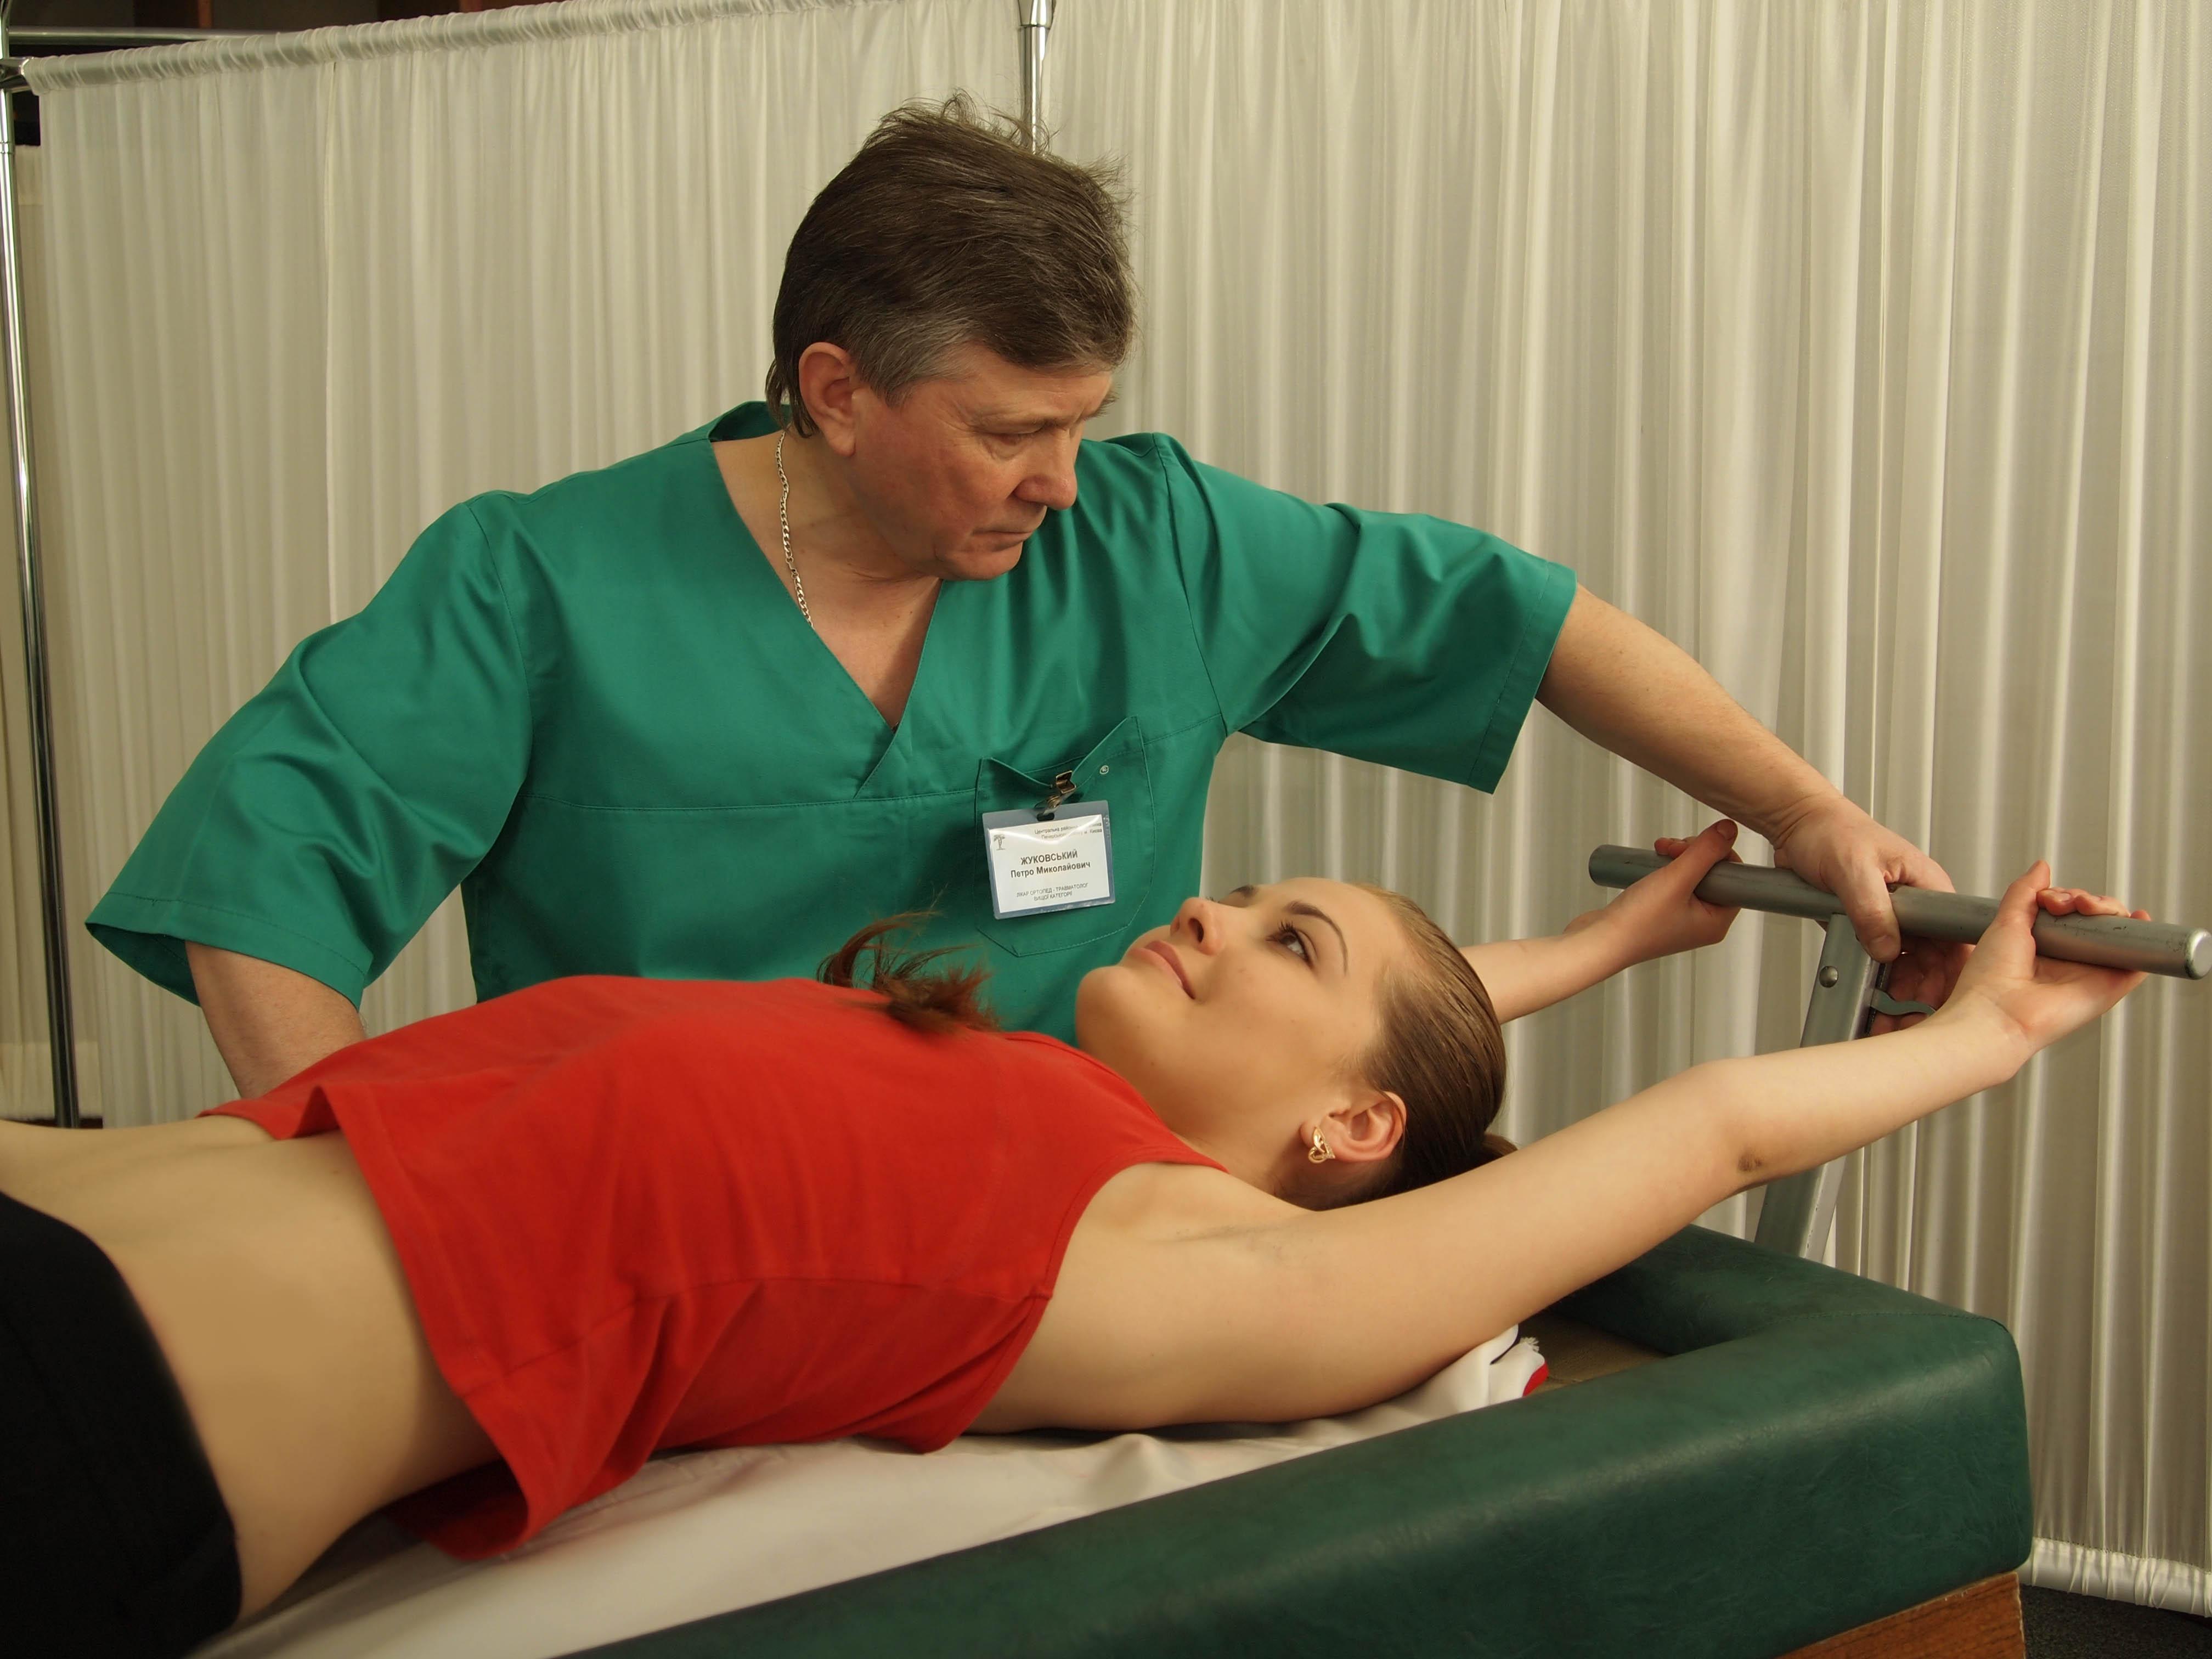 7 видов терапий для лечения грыжи поясницы в санаториях. Помогает ли?